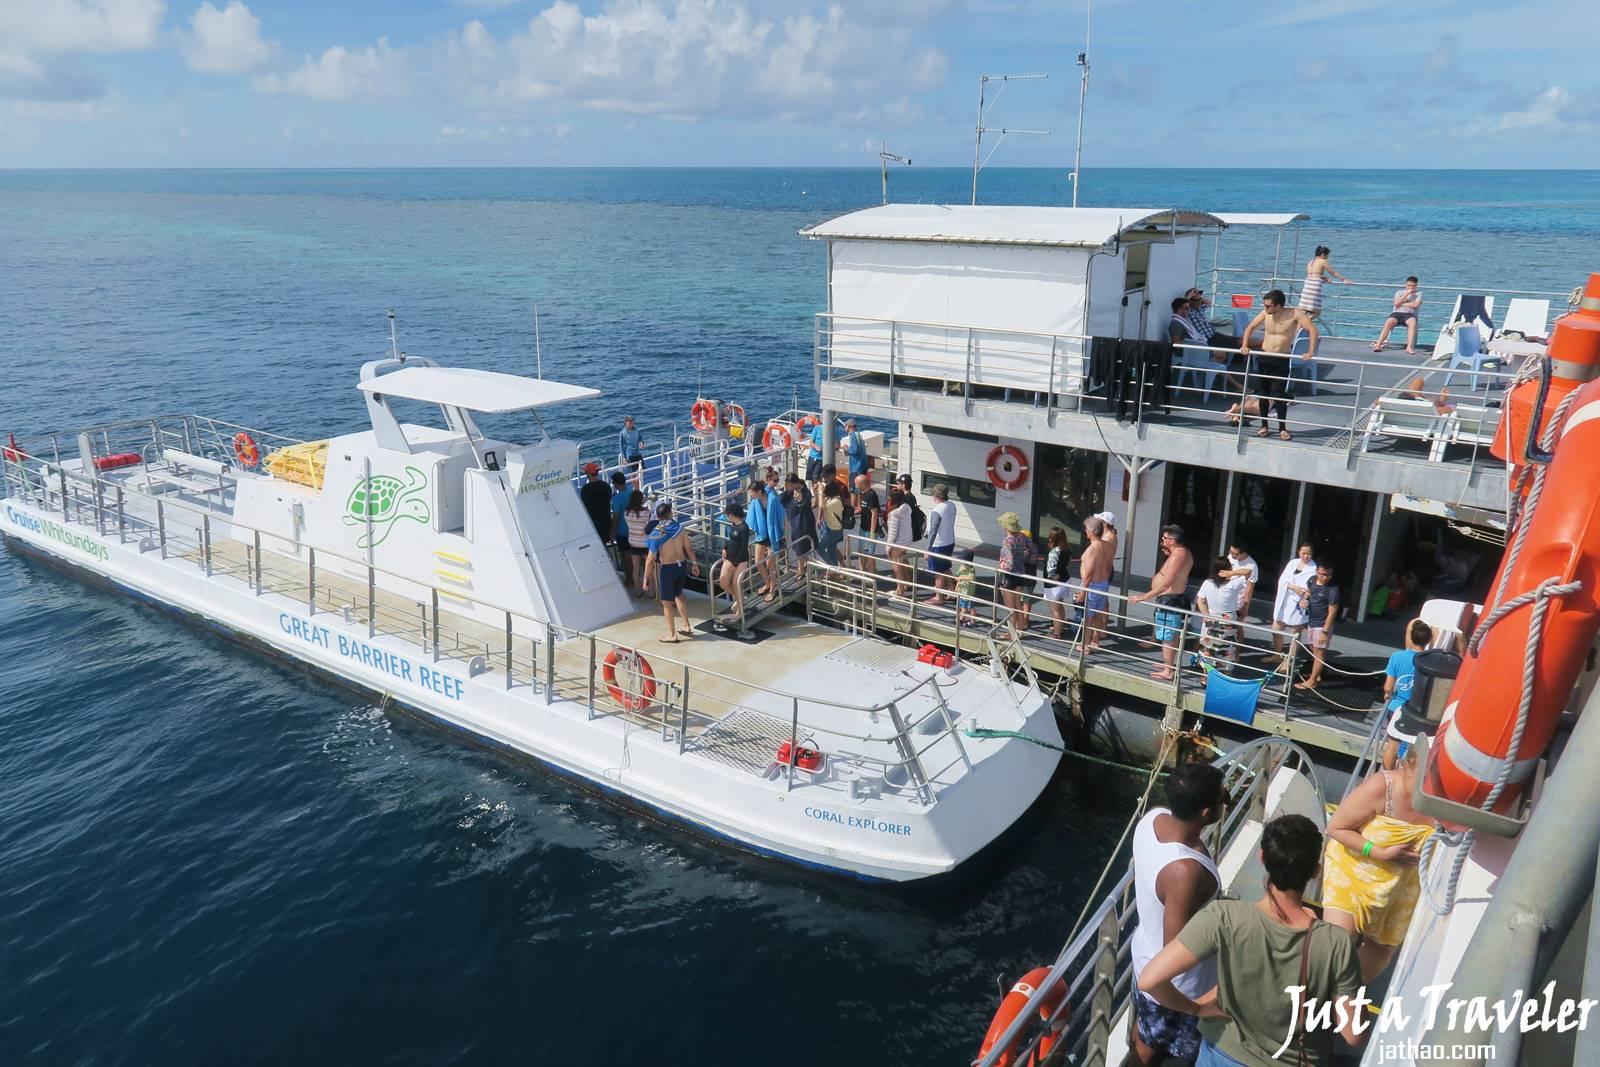 聖靈群島-景點-推薦-大堡礁-半潛水艇-semi-submarine-浮潛-潛水-行程-玩水-一日遊-遊記-攻略-自由行-旅遊-澳洲-Whitsundays-Great-Barrier-Reef